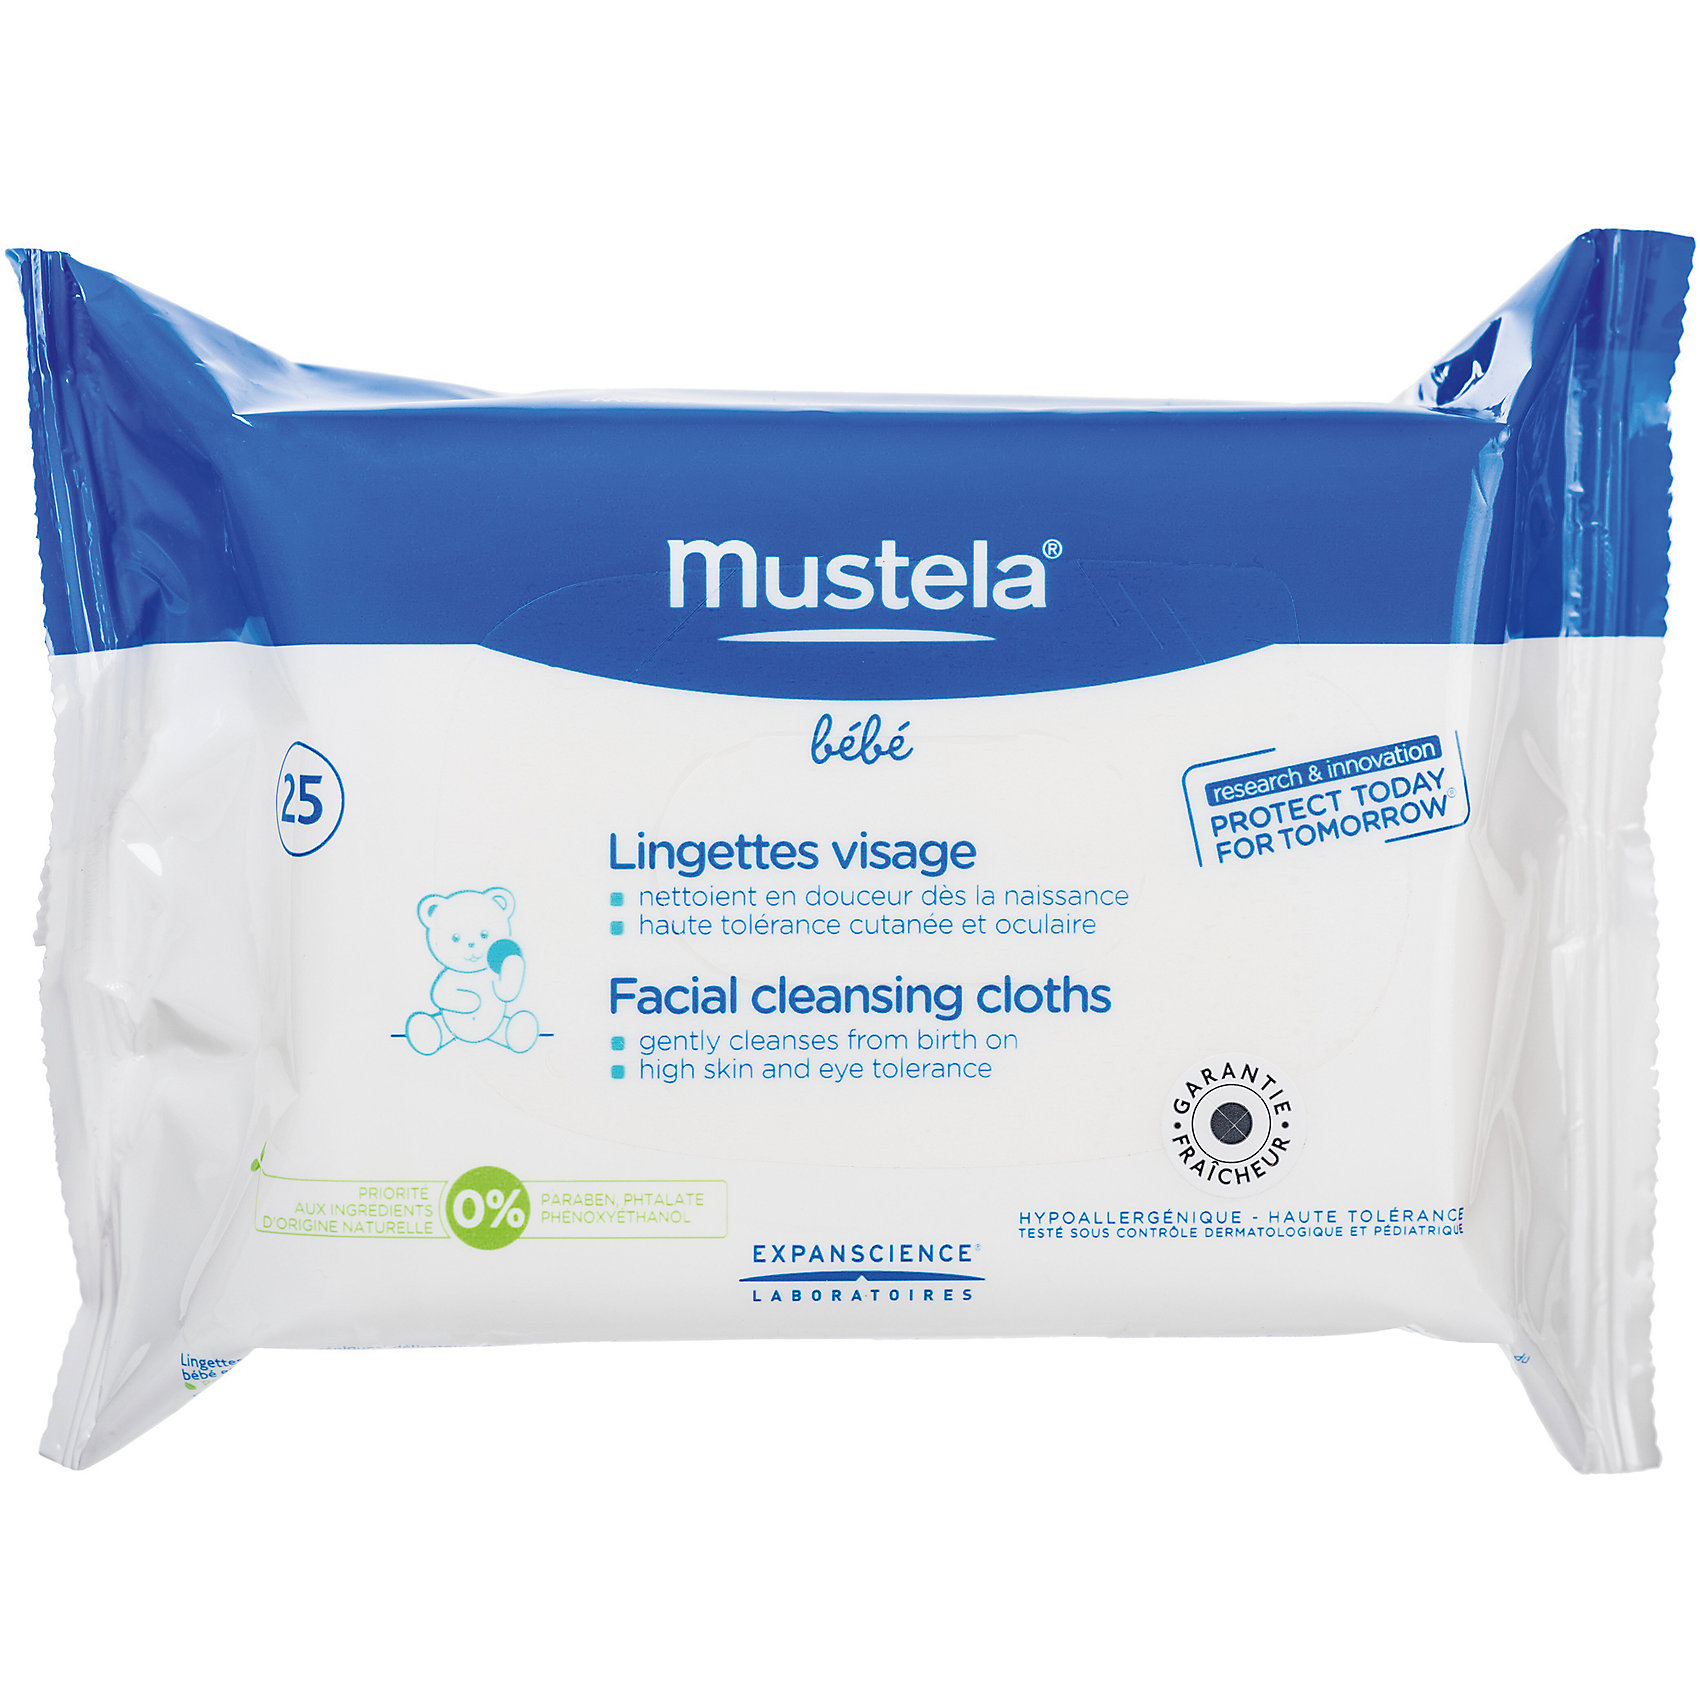 Очищающие салфетки , №25, MustelaСалфетки для мягкого очищения без запаха, №25, Mustela (Мустела).<br><br>Характеристики:<br><br>- Средство: салфетки .<br>- Объём: 25 штук.<br>- Состав пропитки: AQUA (WATER), GLYCERIN, PEG-40 HYDROGENATED CASTOR OIL, SODIUM BENZOATE, POTASSIUM SORBATE, ALLANTOIN, 1,2-HEXANEDIOL, CAPRYLYL GLYCOL, TARTARIC ACID, PROPYLENE GLYCOL, ALOE BARBADENSIS LEAF JUICE POWDER, SAPONARIA OFFICINALIS LEAF/ROOT EXTRACT, TROPOLONE, PERSEA GRATISSIMA (AVOCADO) FRUIT EXTRACT, SODIUM HYDROXIDE.<br><br>Влажные салфетки для бережного очищения кожи малыша и области под подгузником. Благодаря своей формуле, влажные салфетки способствуют укреплению кожного барьера малыша и сохранению клеточных ресурсов его кожи. Салфетки без запаха, гипоаллергенны, безопасно и эффективно удаляют загрязнения с кожи малыша и области под подгузником. Удобно брать с собой в поездки и на прогулку.<br><br>Салфетки для мягкого очищения без запаха, №25, Mustela (Мустела), можно купить в нашем интернет - магазине.<br><br>Ширина мм: 35<br>Глубина мм: 105<br>Высота мм: 105<br>Вес г: 163<br>Возраст от месяцев: 0<br>Возраст до месяцев: 12<br>Пол: Унисекс<br>Возраст: Детский<br>SKU: 5392919